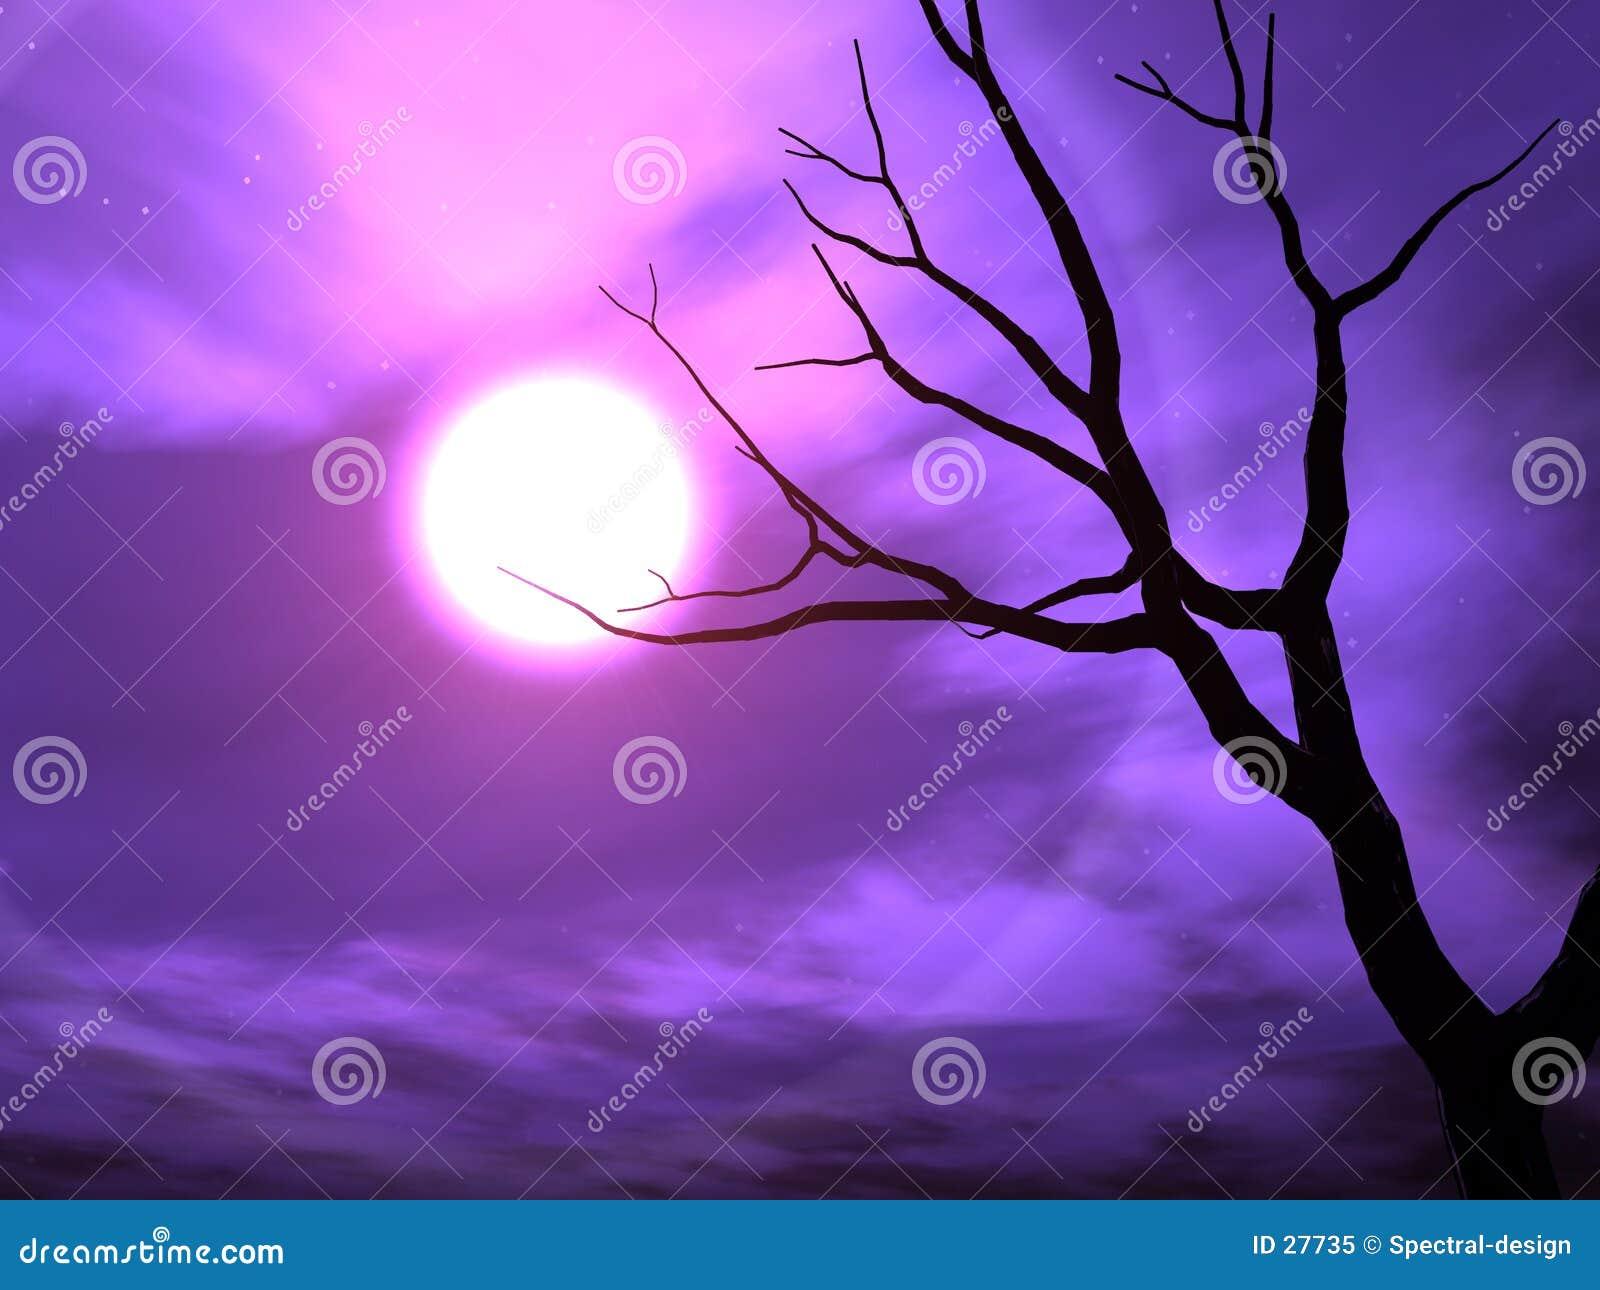 Download Nightshade stock abbildung. Illustration von himmel, alptraum - 27735